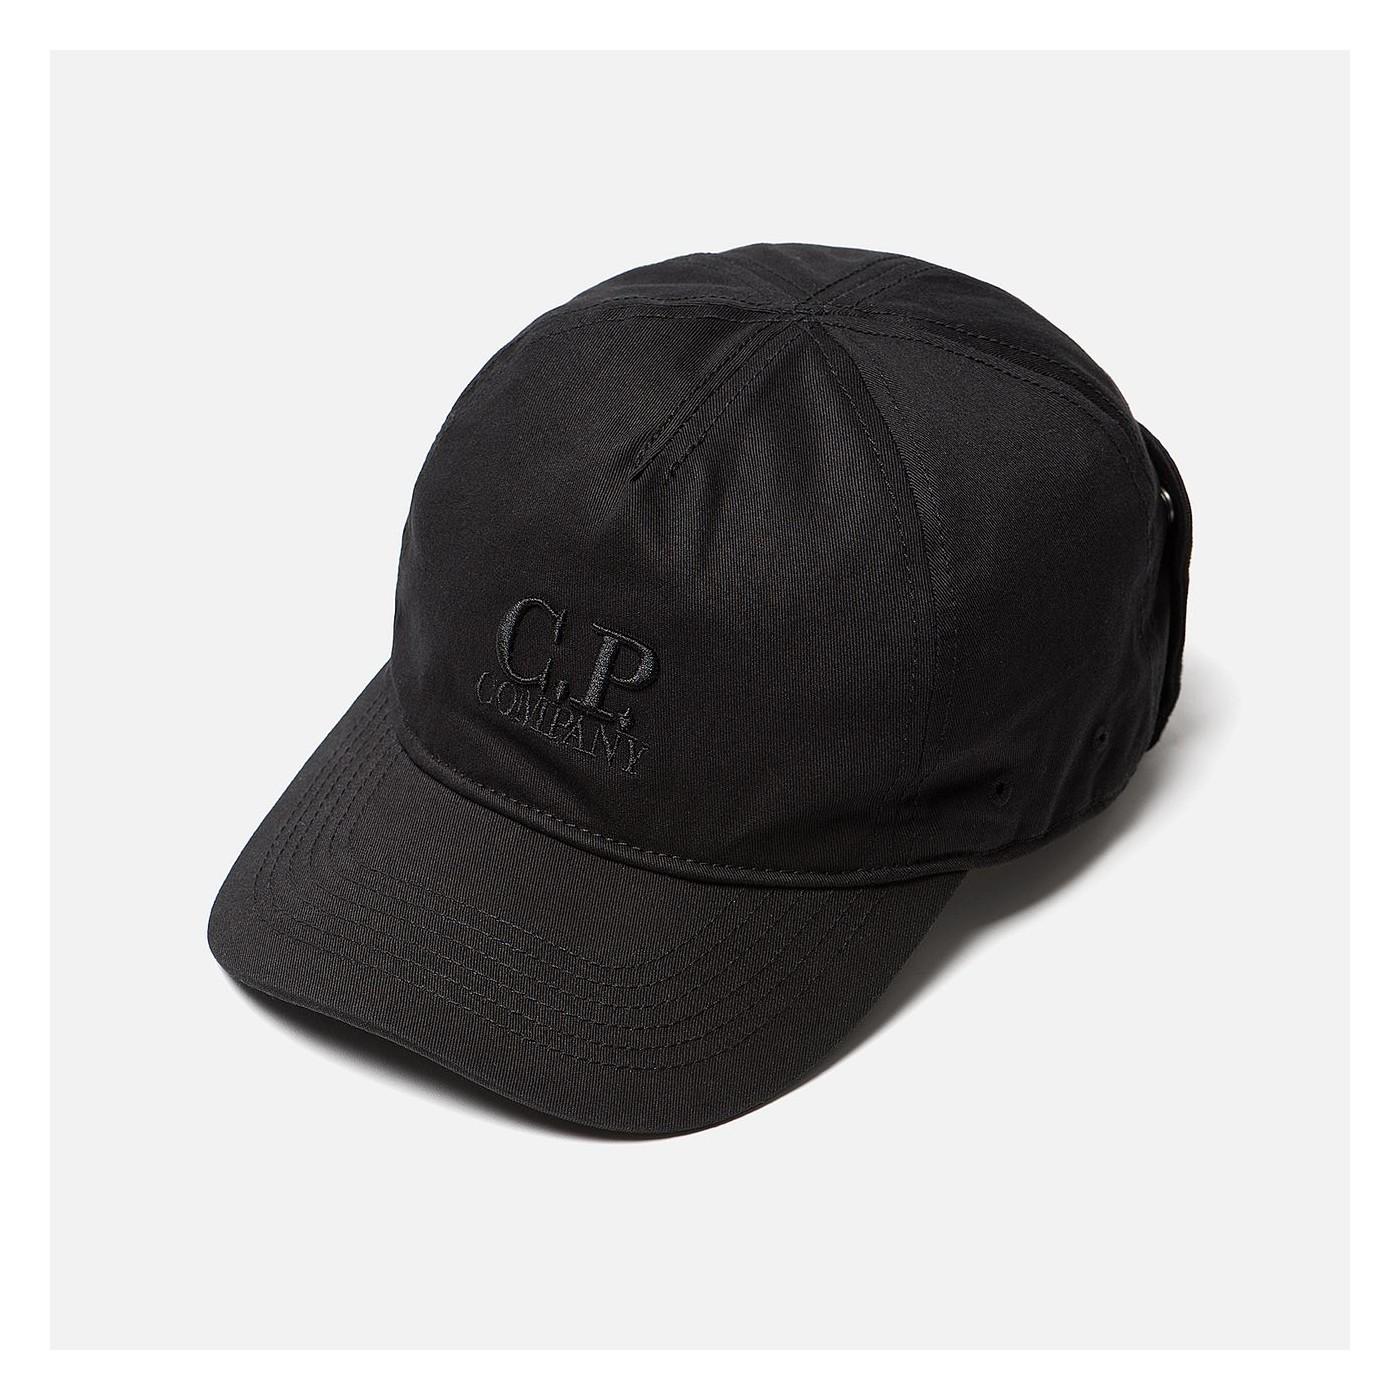 Casquette CP Company goggle black